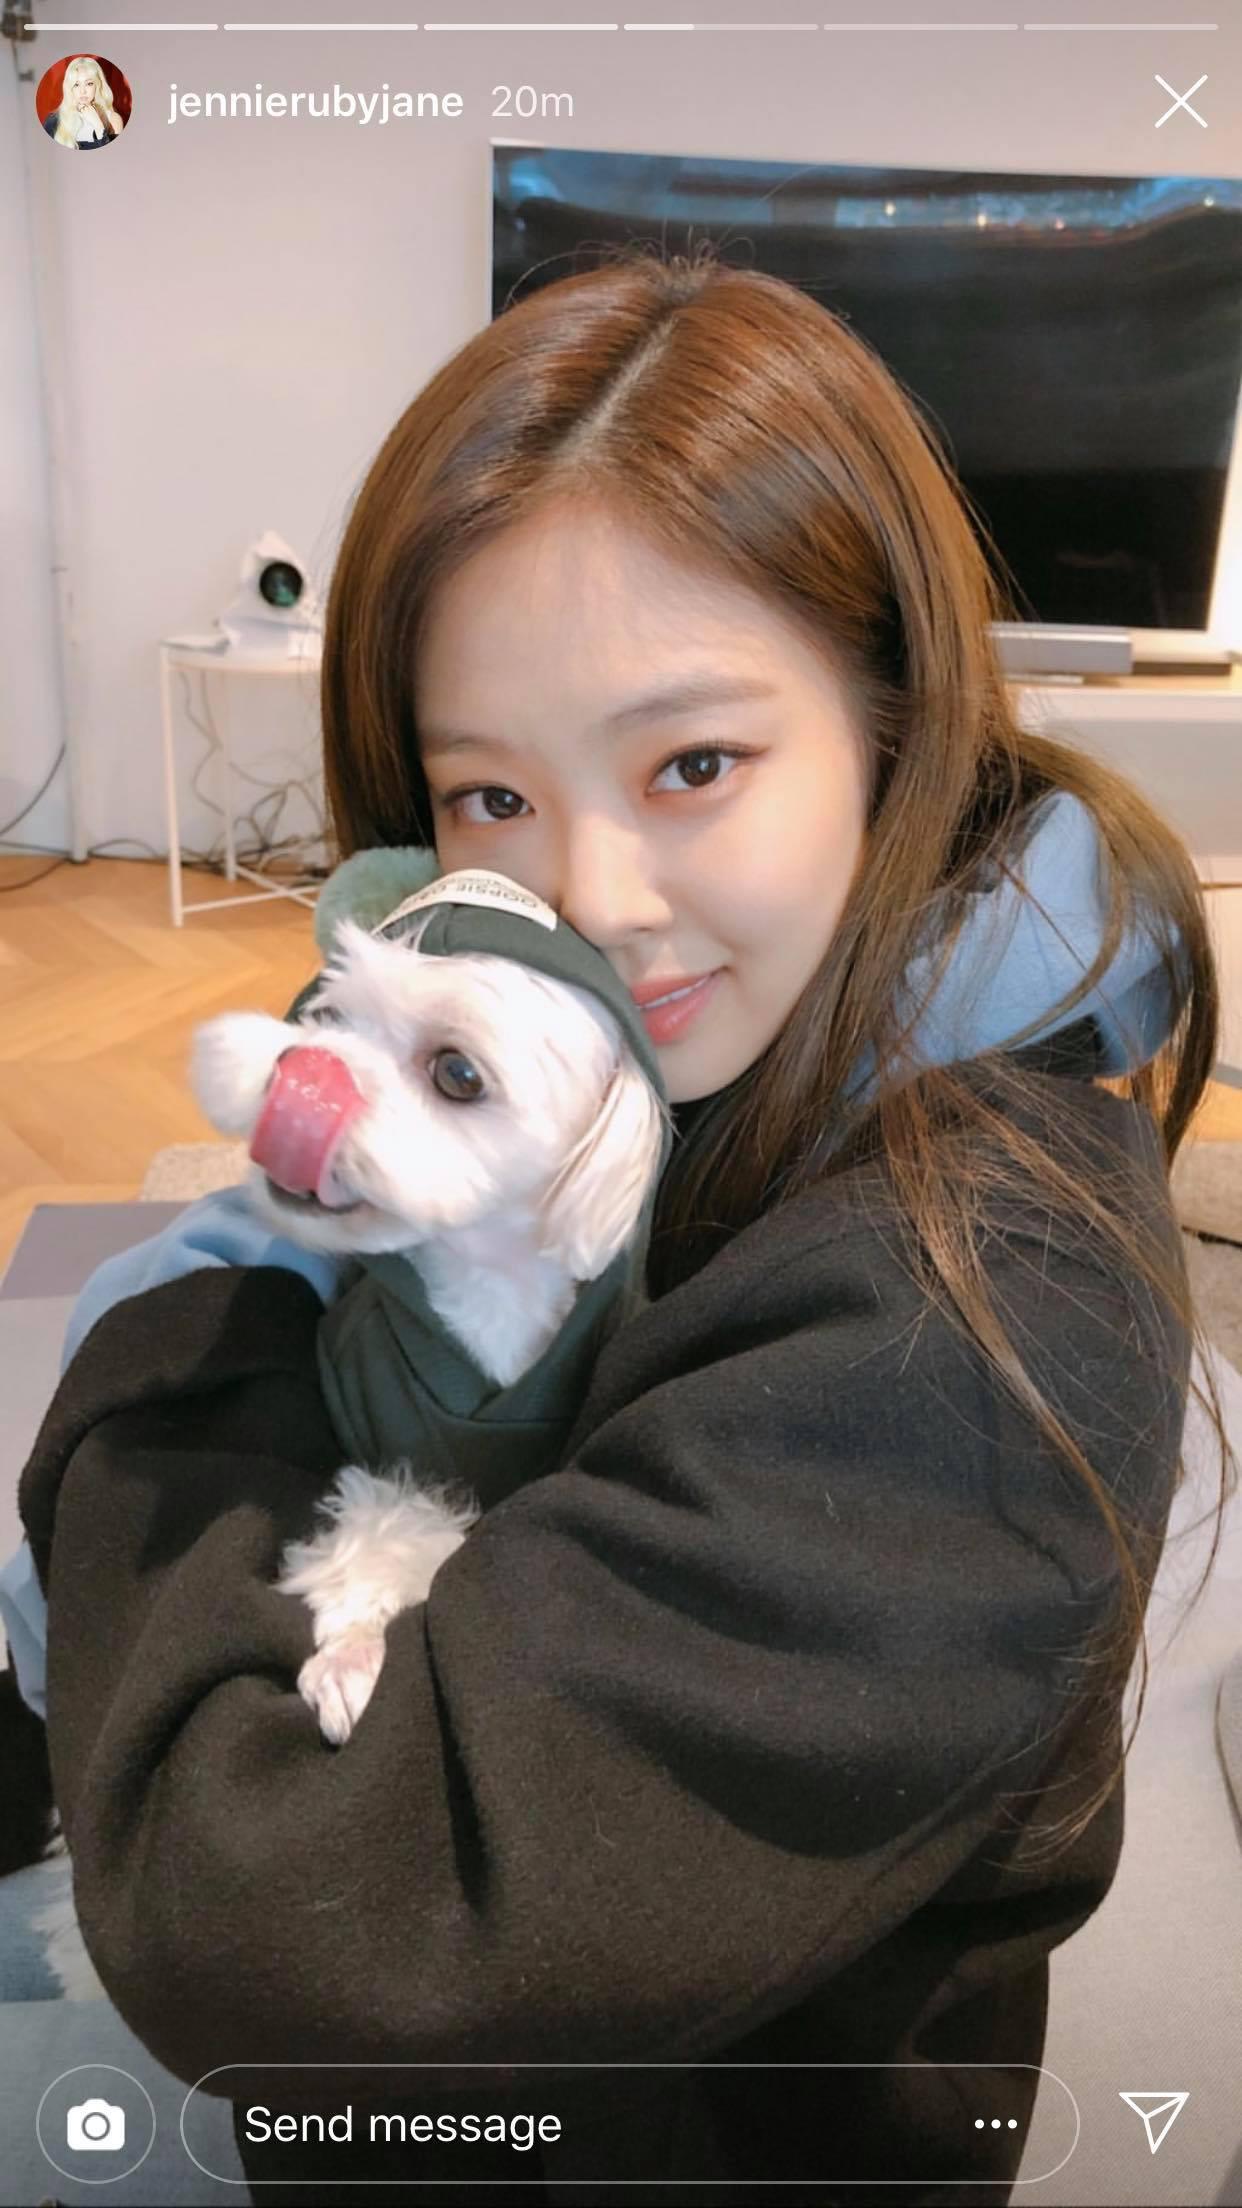 Nhân vật khiến fan BLACKPINK ghen tỵ nhất hôm nay: Được Jennie cưng nựng, ôm ấp, spam toàn hình ảnh yêu thương - Ảnh 1.